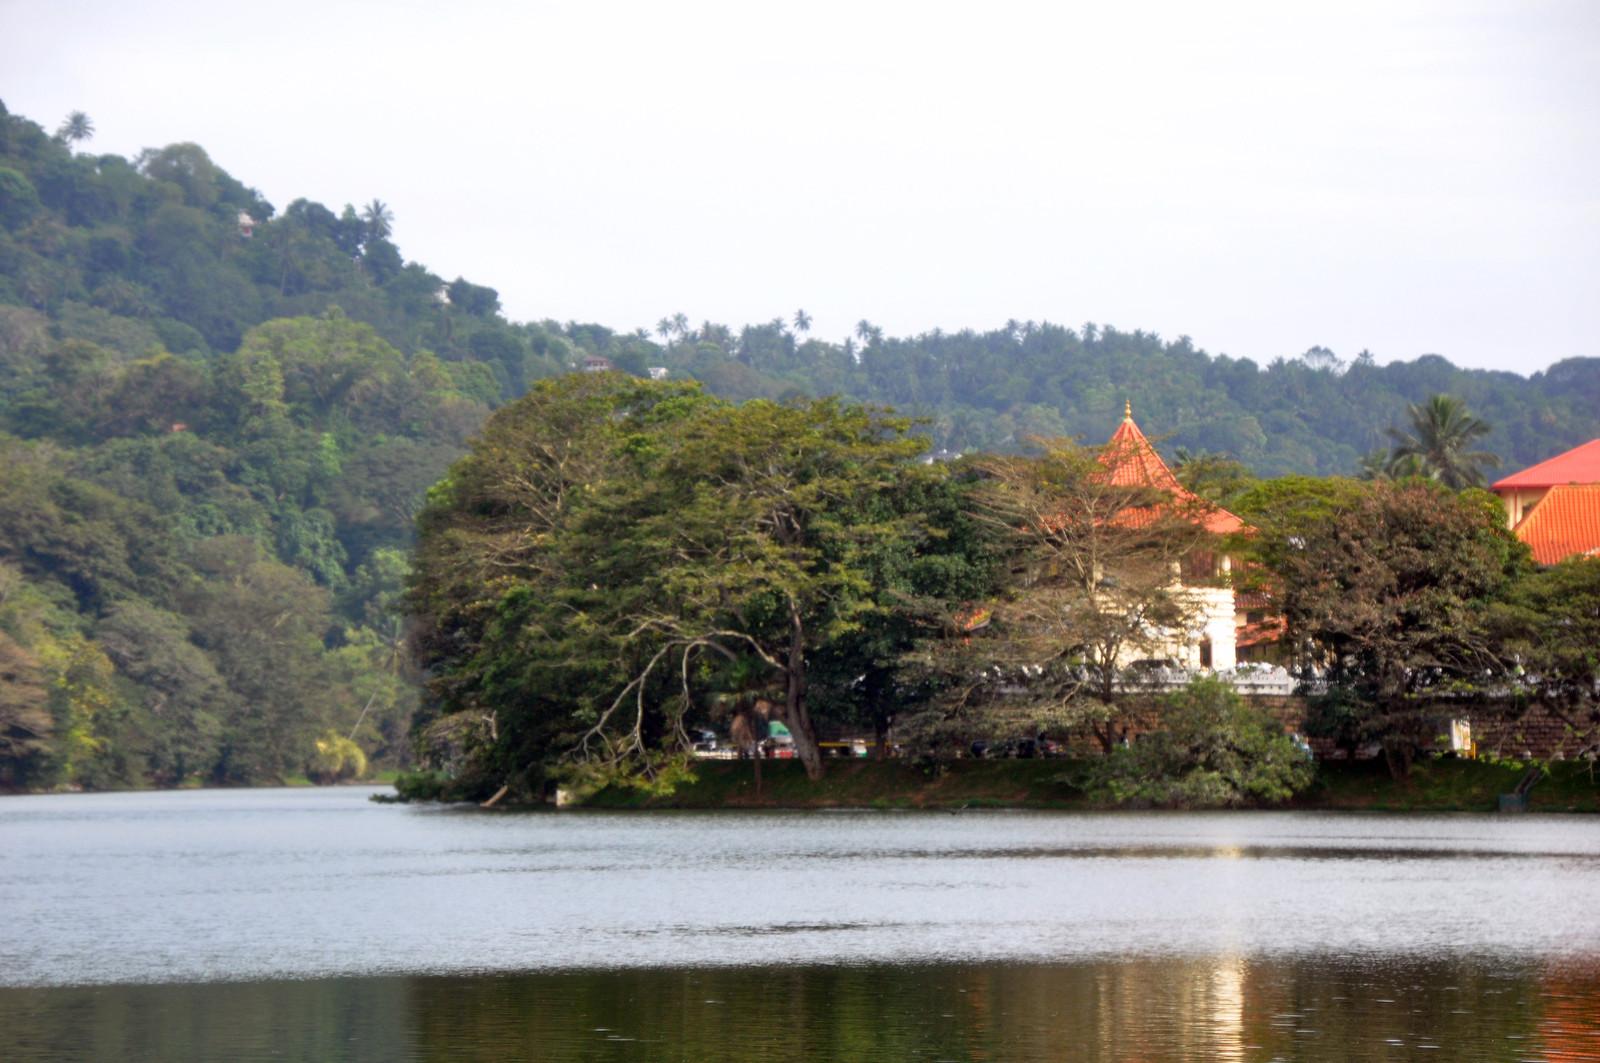 Kandy en un día, Sri Lanka kandy en un día - 32123791797 520387645f h - Kandy en un día, Sri Lanka